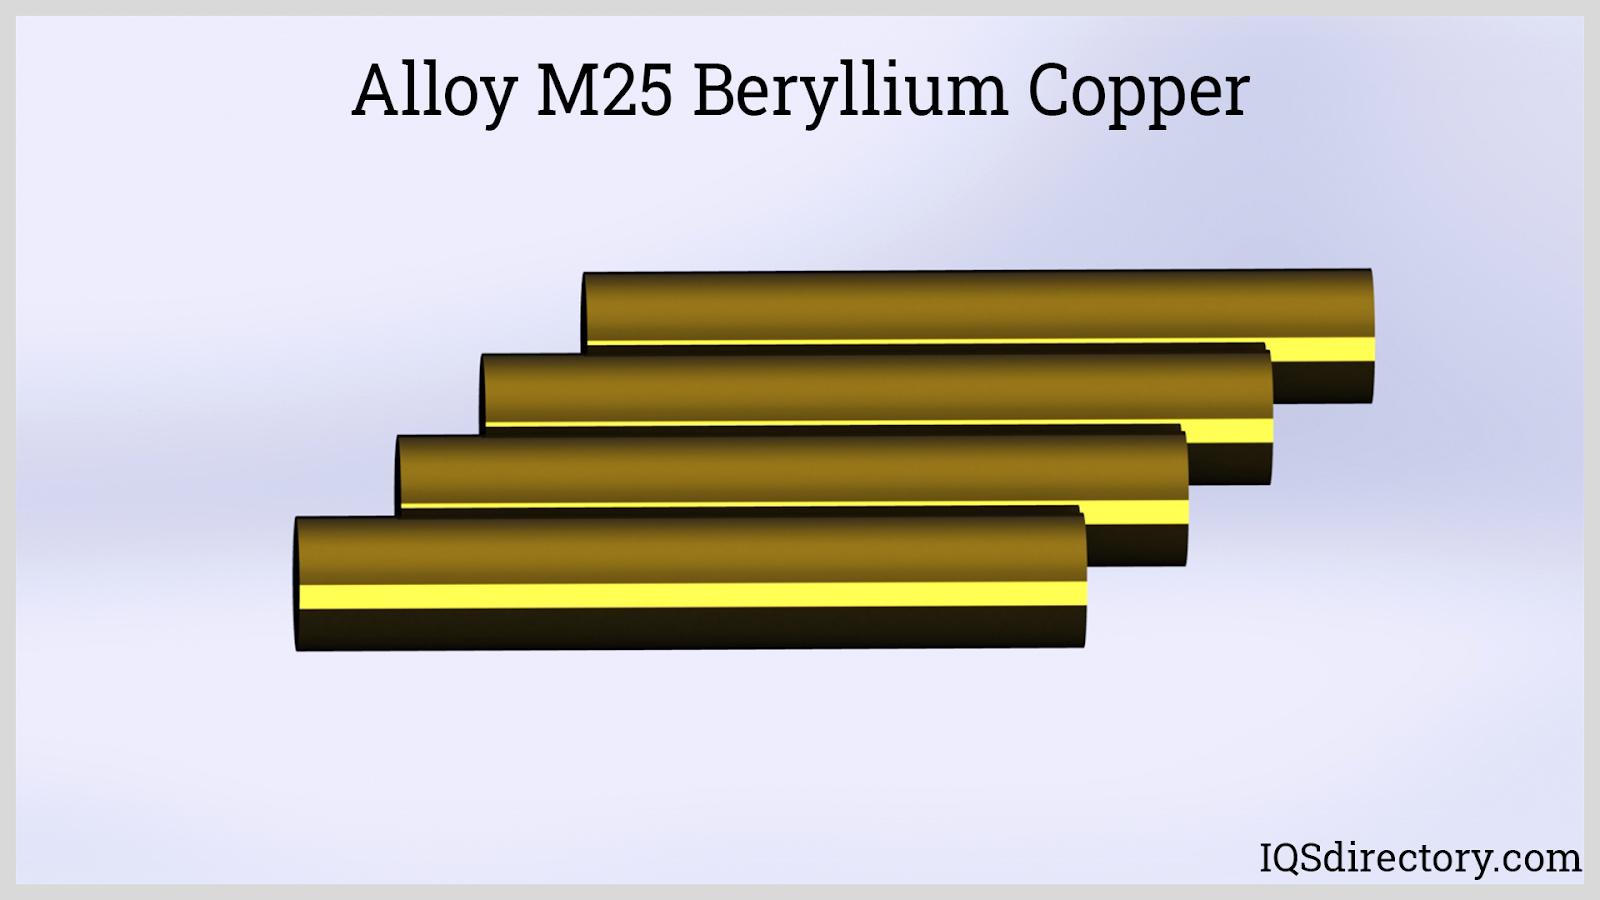 Alloy M25 Beryllium Copper